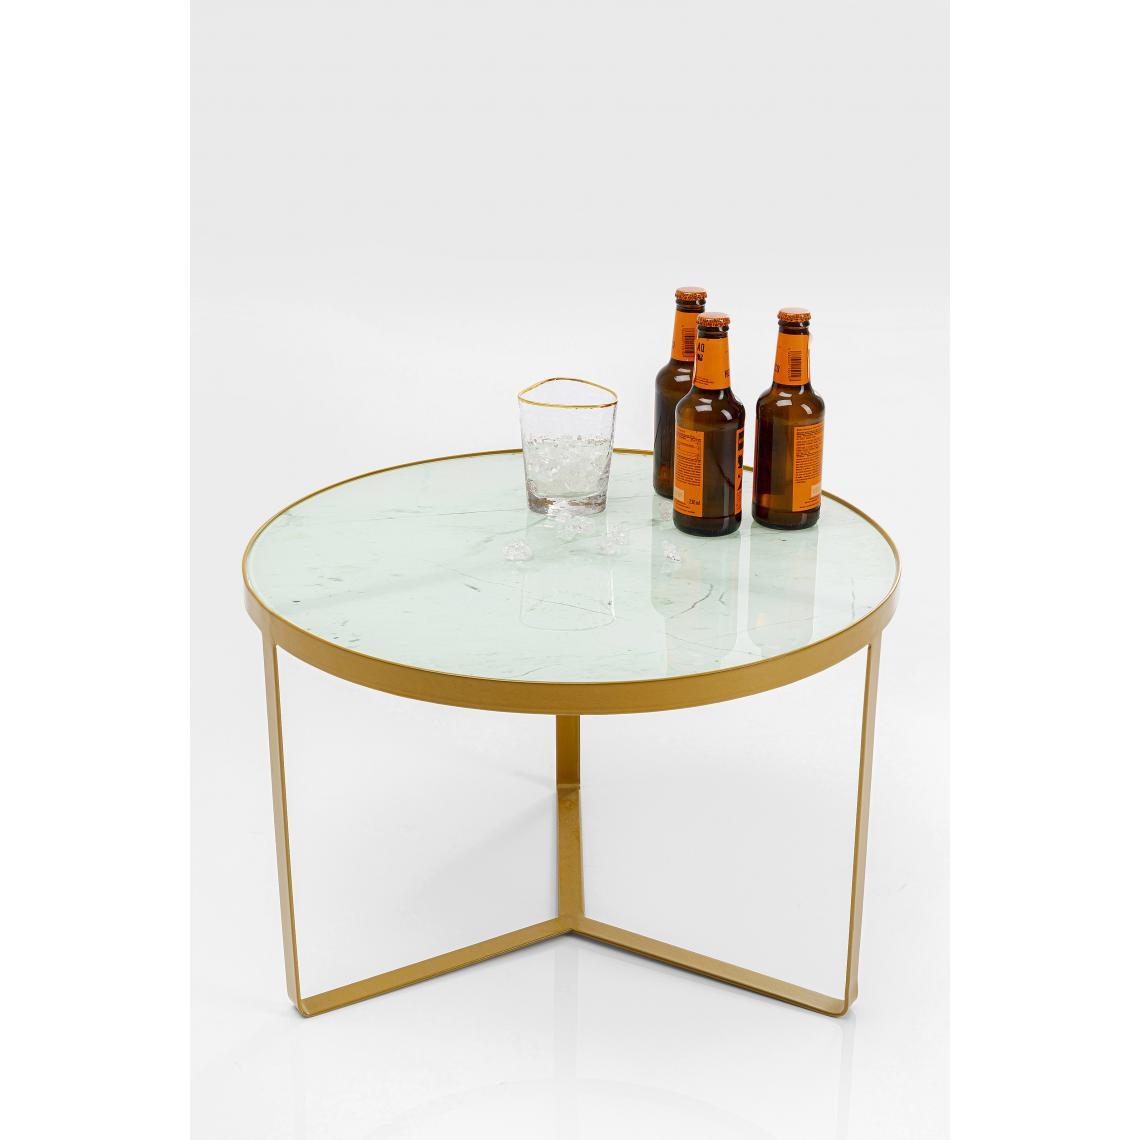 https www declikdeco com p table basse imitation marbre en verre trempe d70 et pietement en acier dore oriane 1195827 2766 html